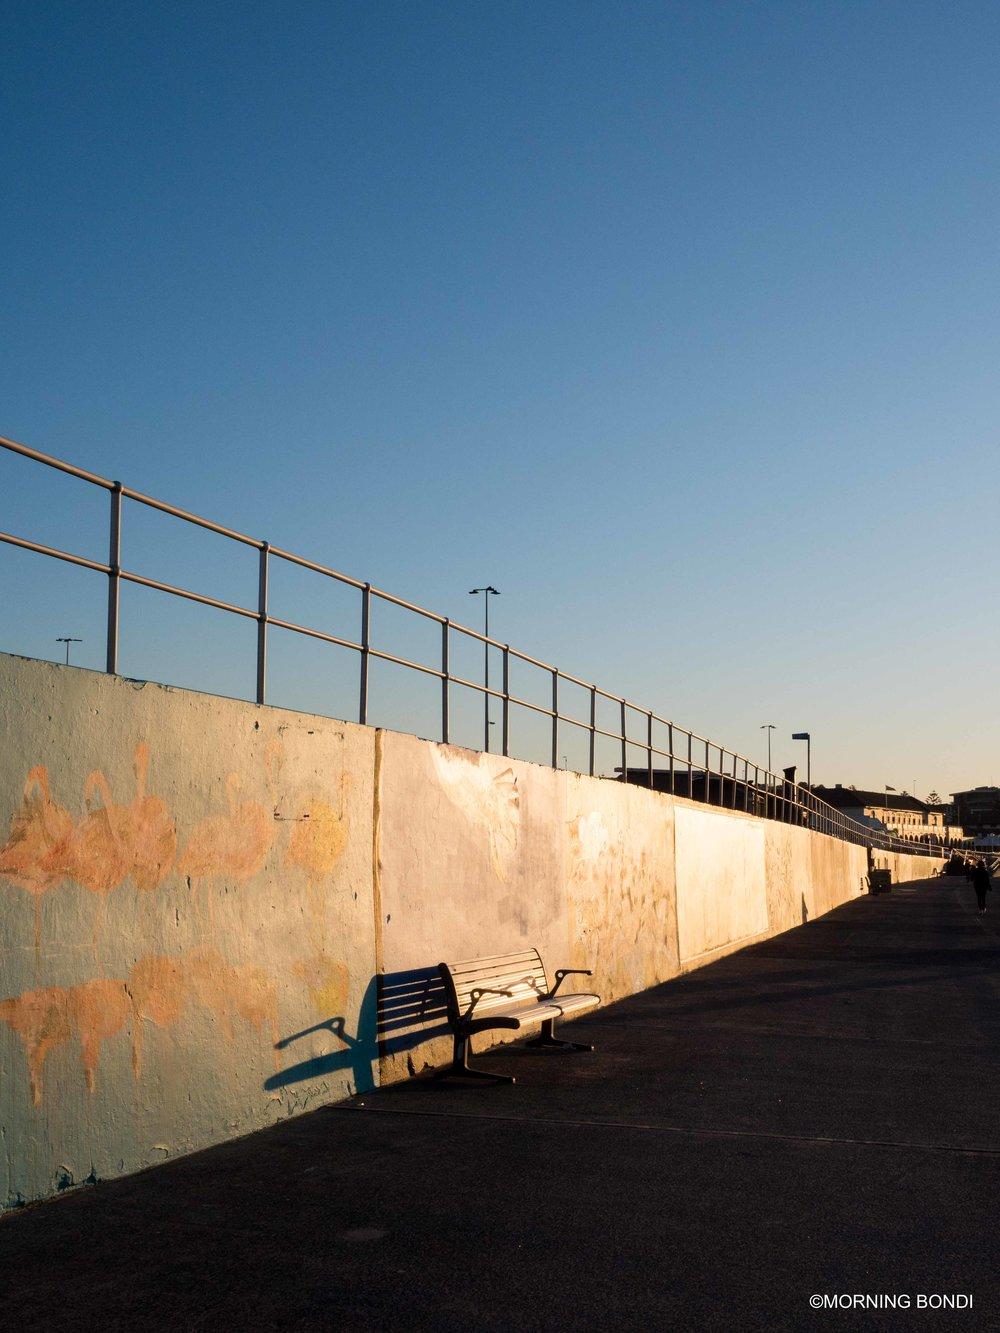 The iconic graffiti wall